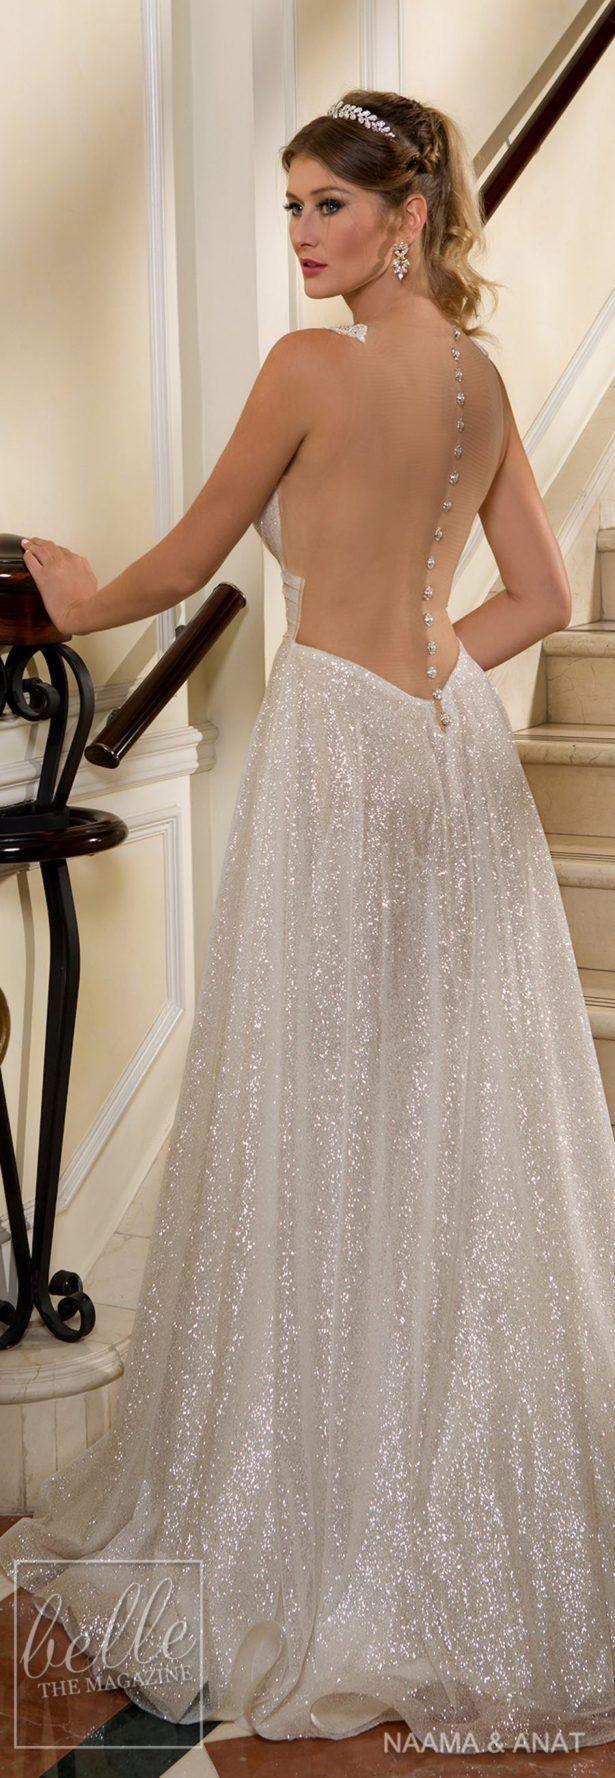 693 besten Melek Bilder auf Pinterest | Hochzeitskleider, Hochzeiten ...